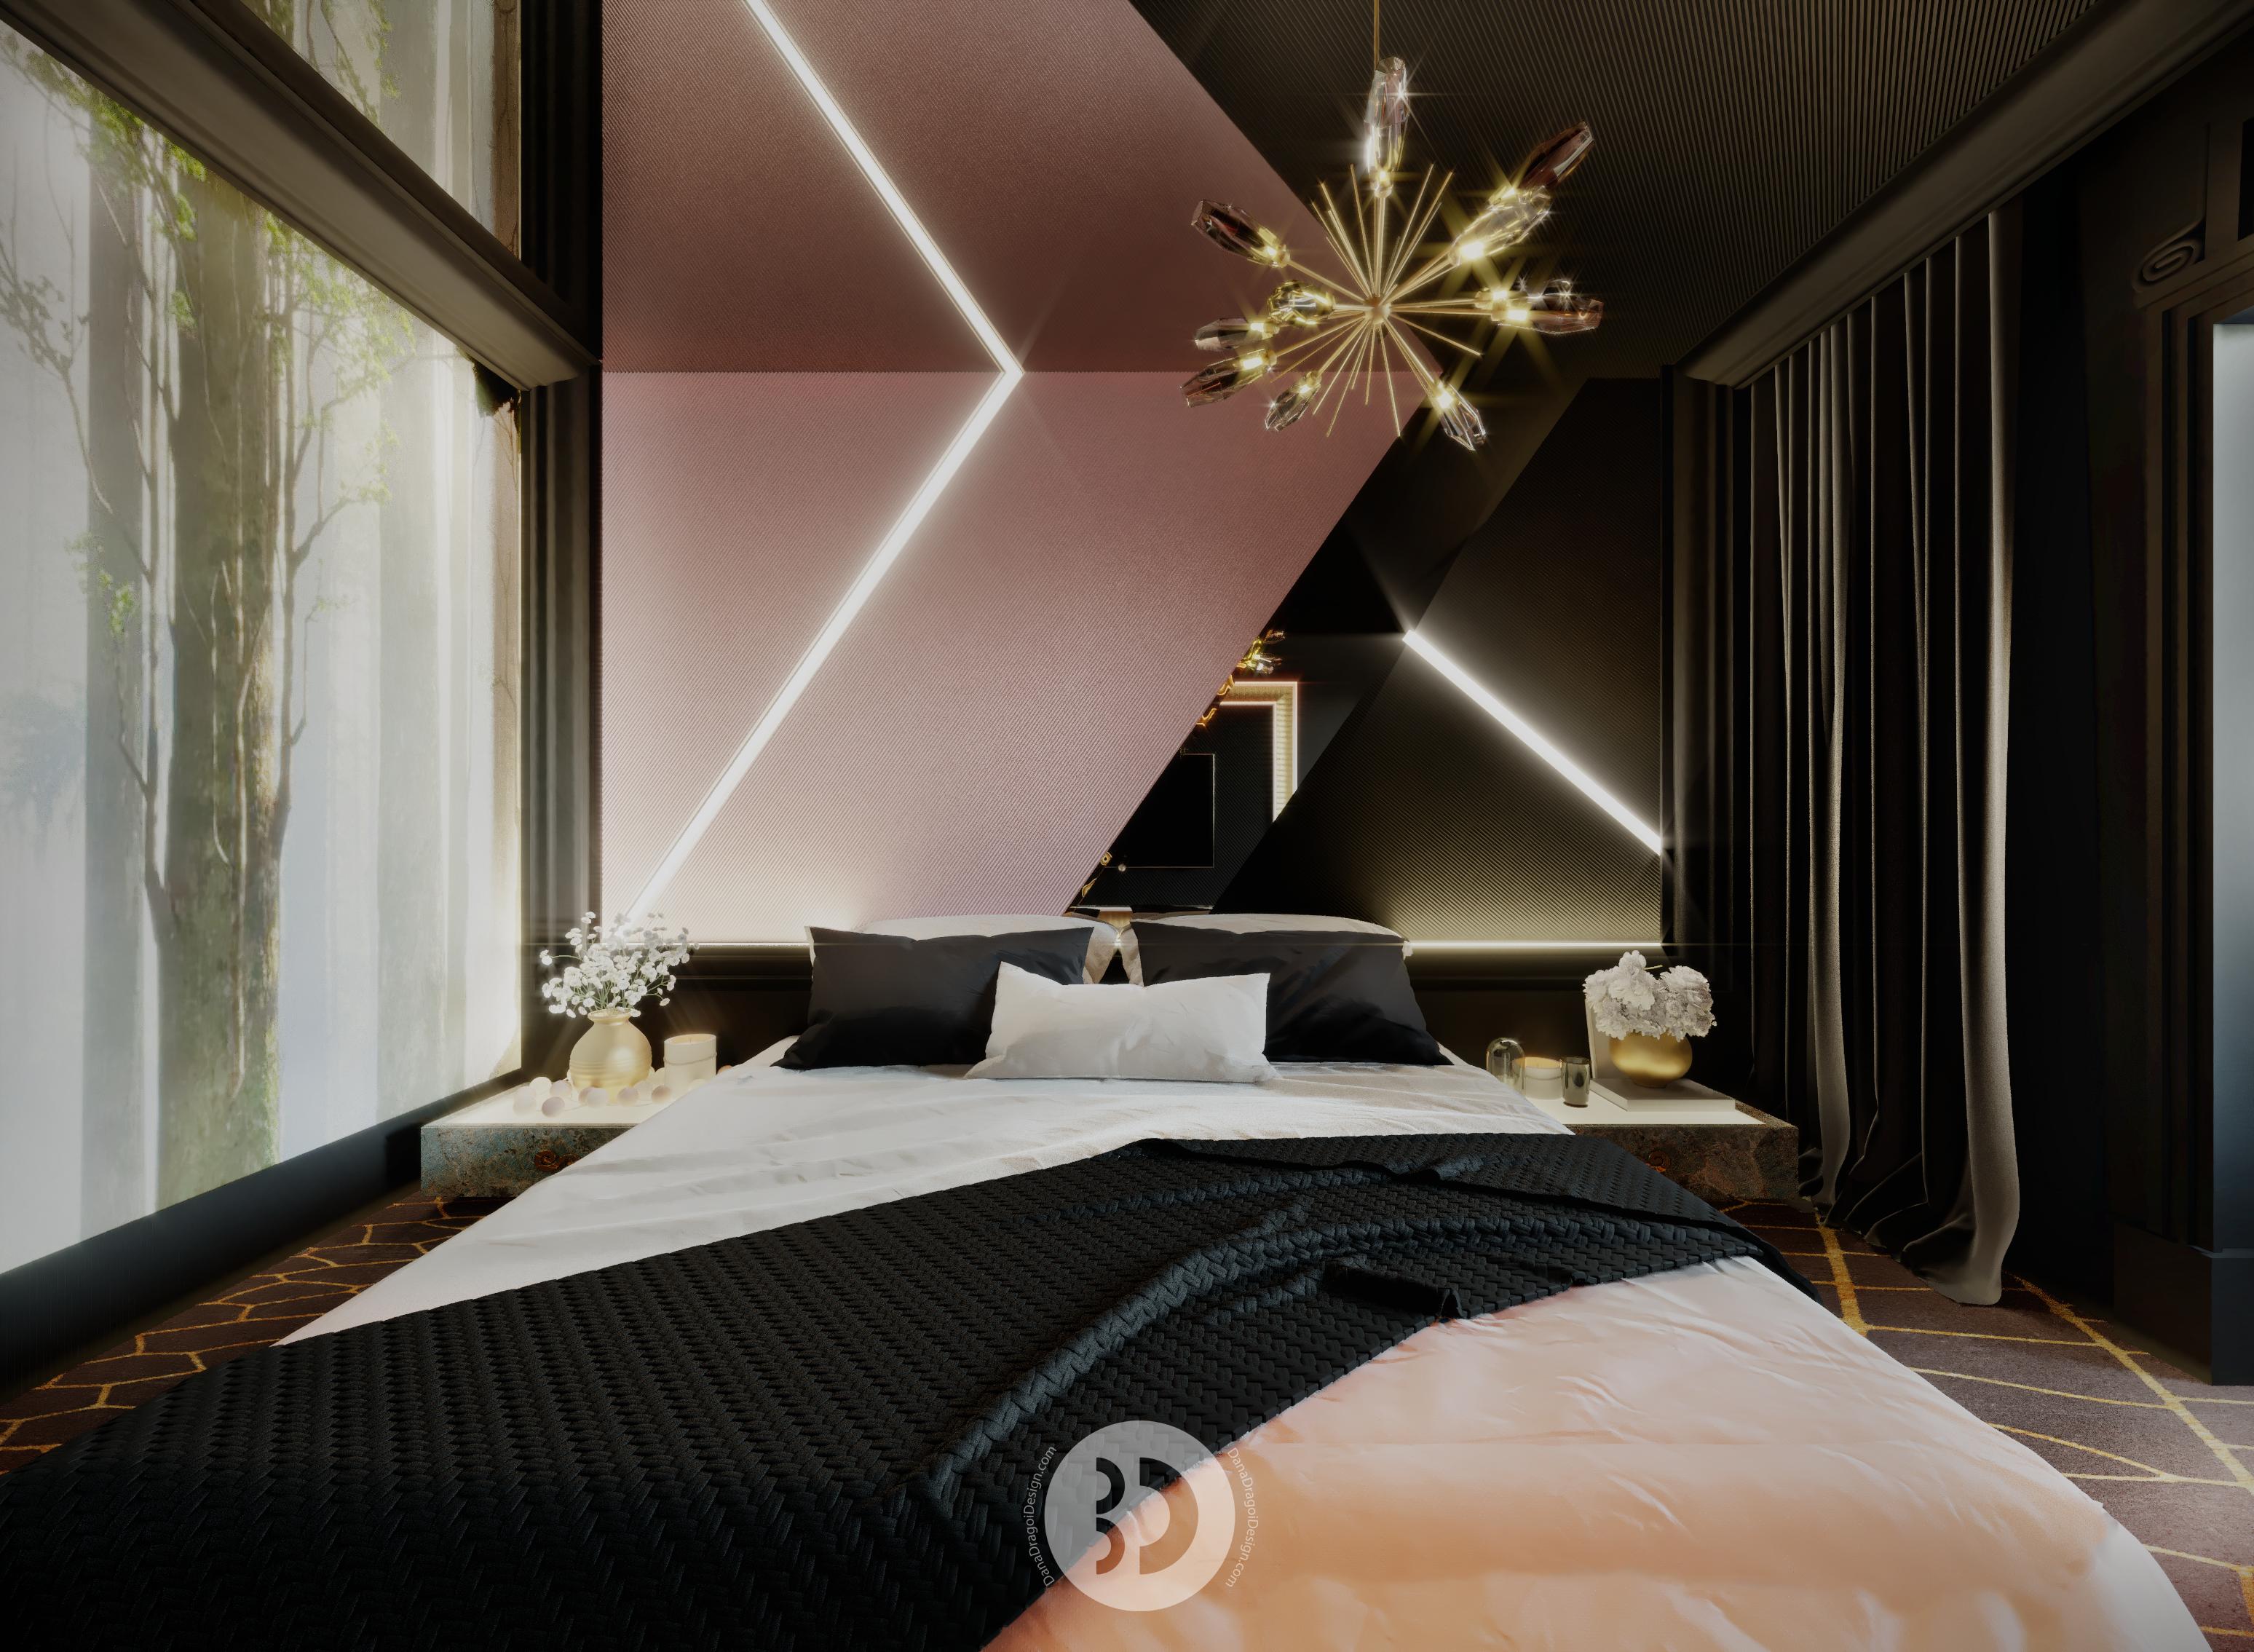 Racing Kids Bedroom in 2020 Bedroom interior design